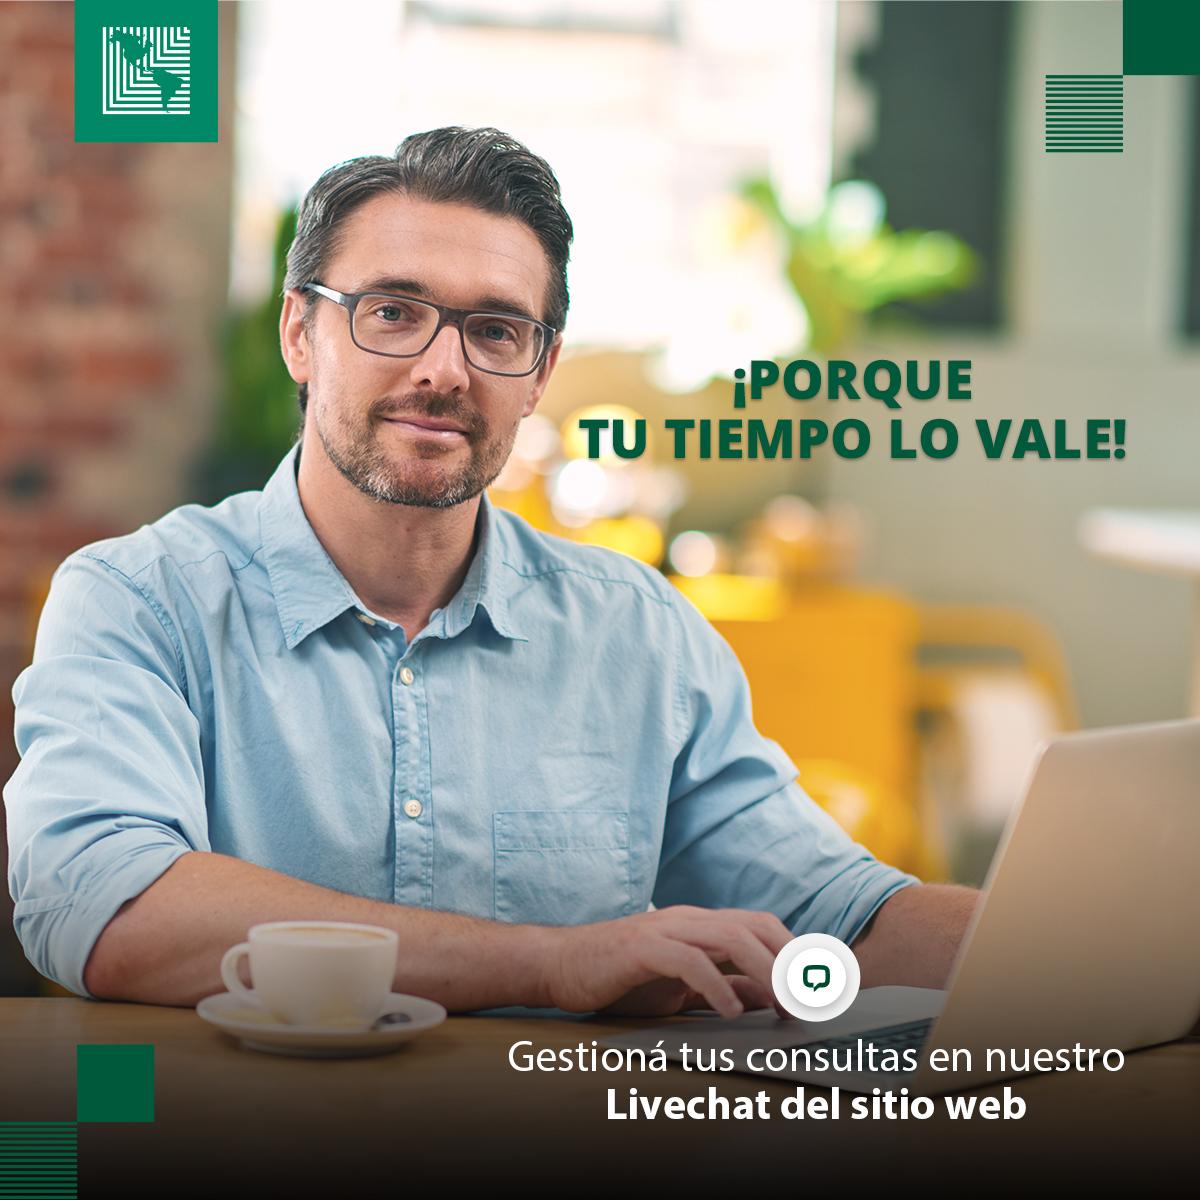 ¿Tenés consultas sobre nuestros productos y servicios? Escribinos a nuestro #Livechat en el sitio web ¡Atención personalizada!👩💻  Consultá👇 ✅Sobre #BancanetLAFISE ✅Saldo de tarjeta de crédito ✅Información de productos y requisitos ¡Y más!  Click aquí: https://t.co/F5PyXct8Xv https://t.co/UKV1C104Qq